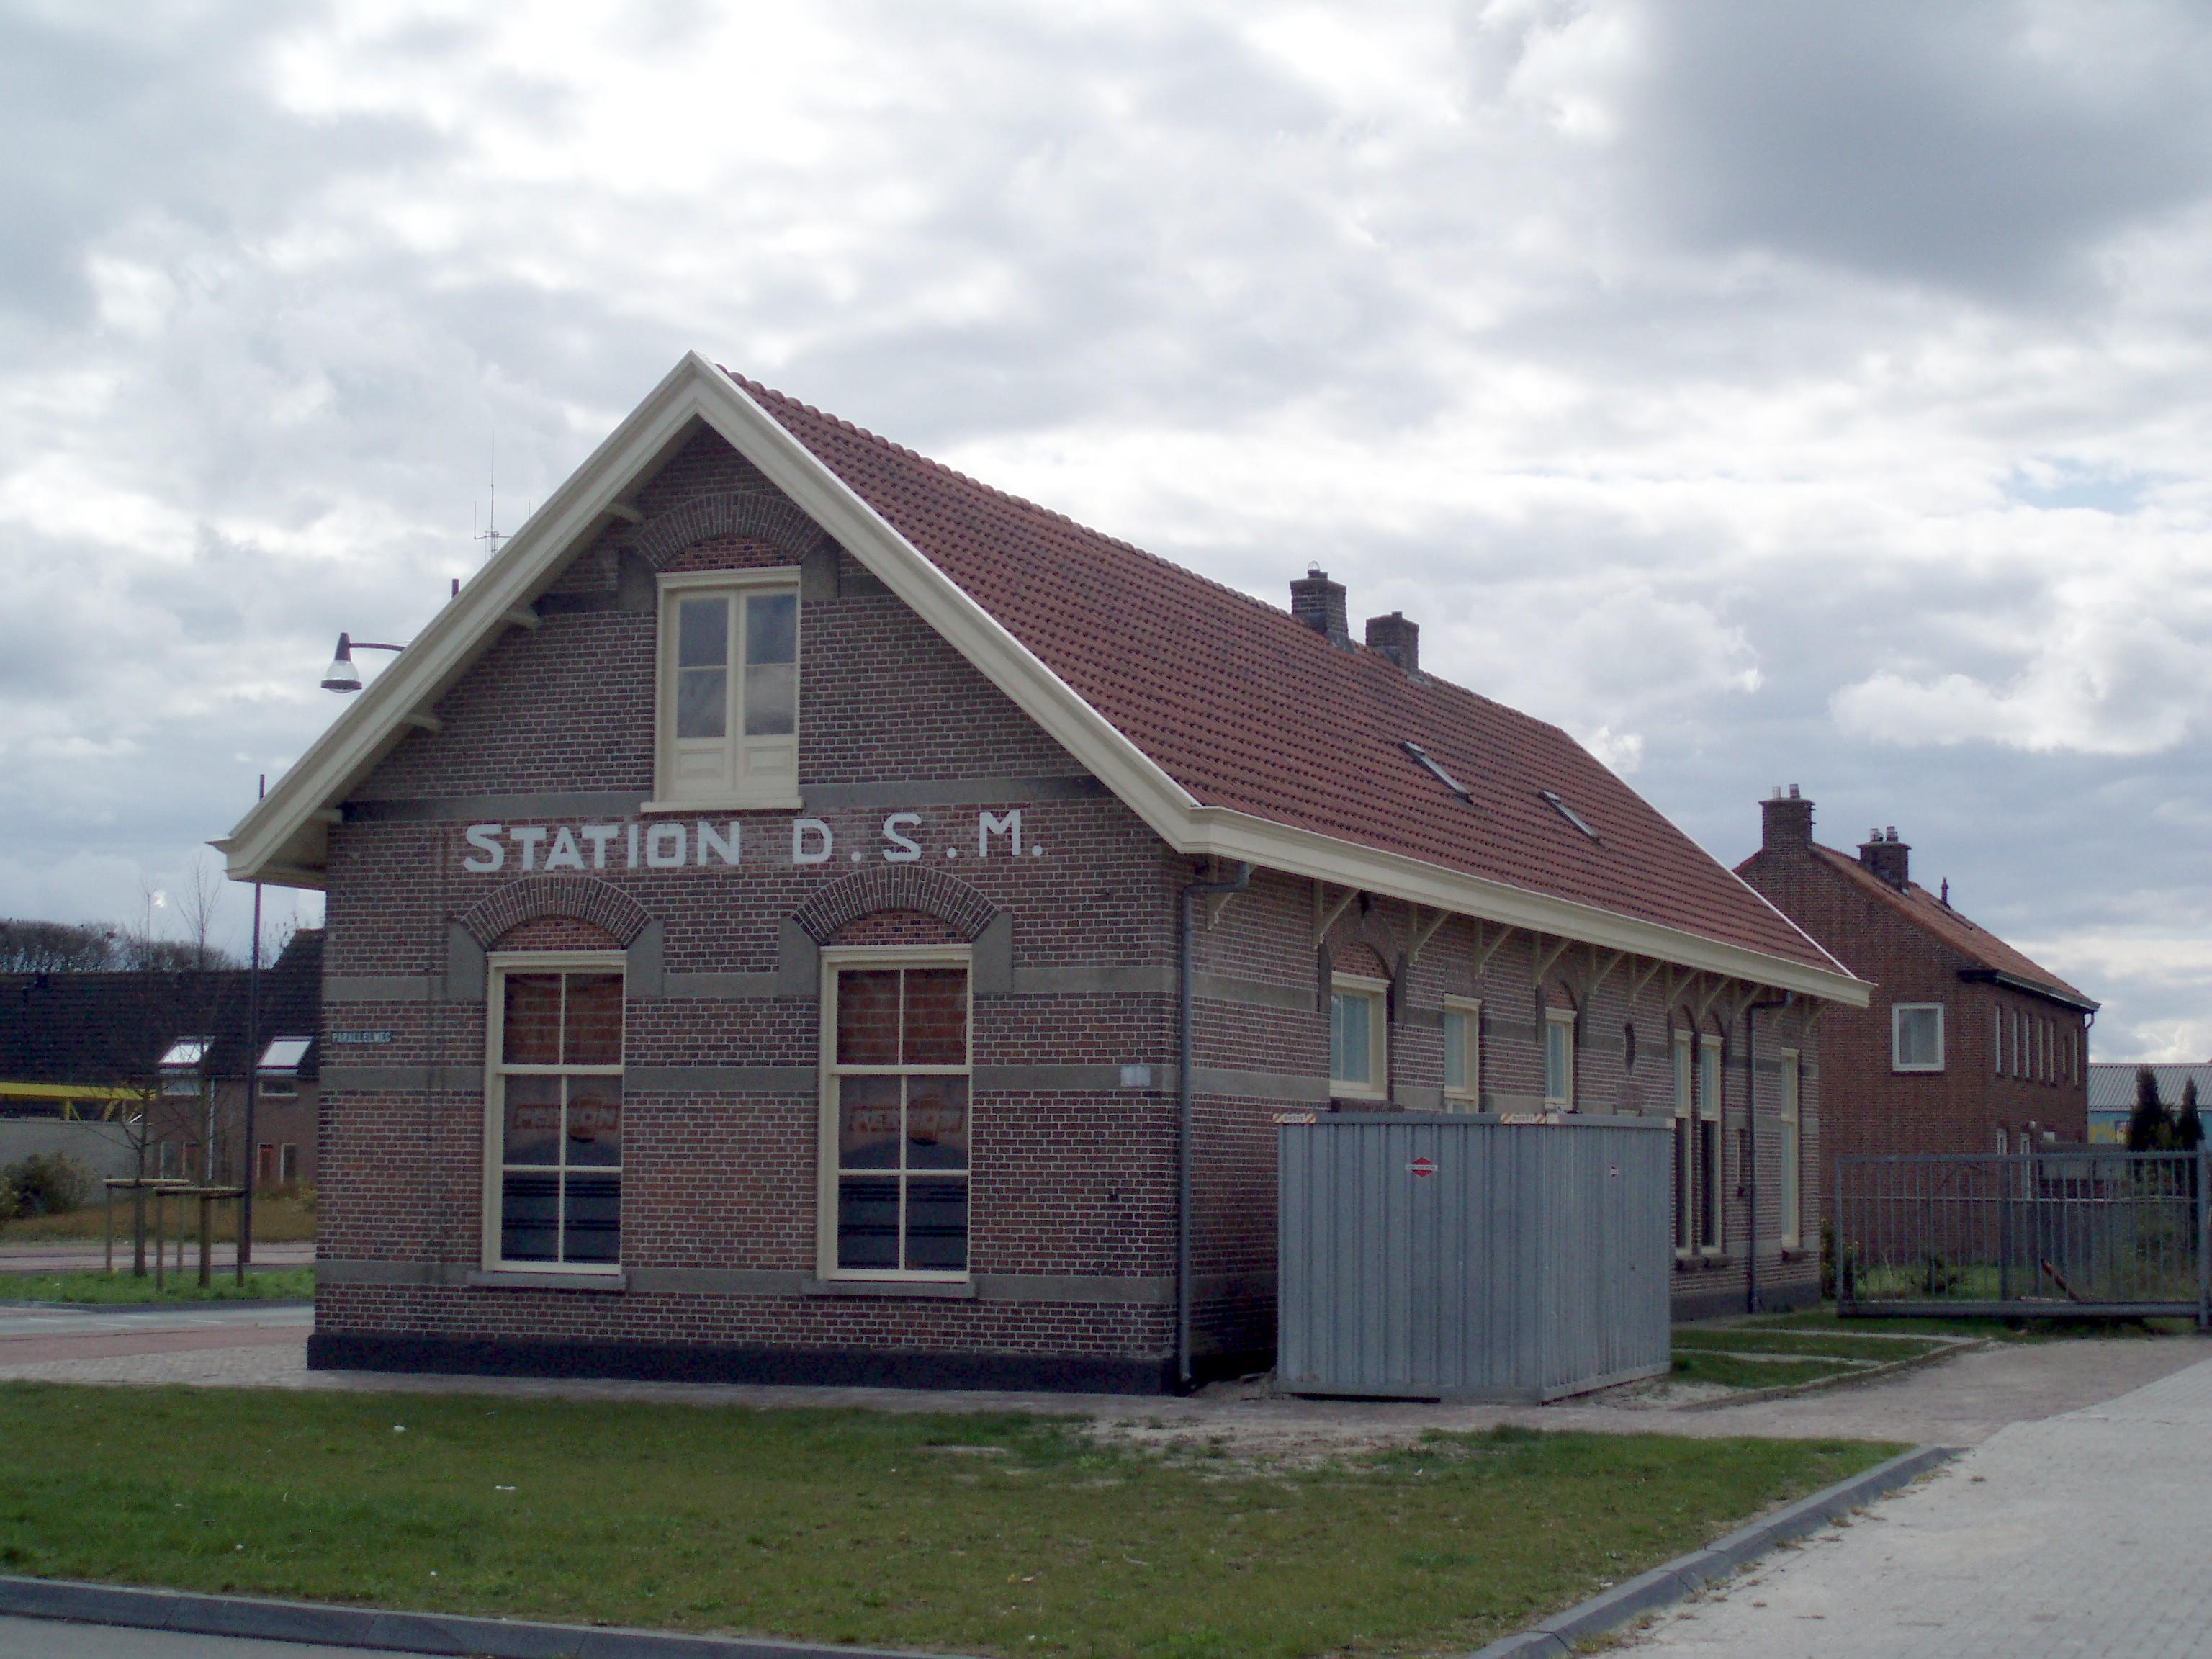 Dsm Keukens Recensie : Station Voorm stationsgebouw van de D S M in Coevorden